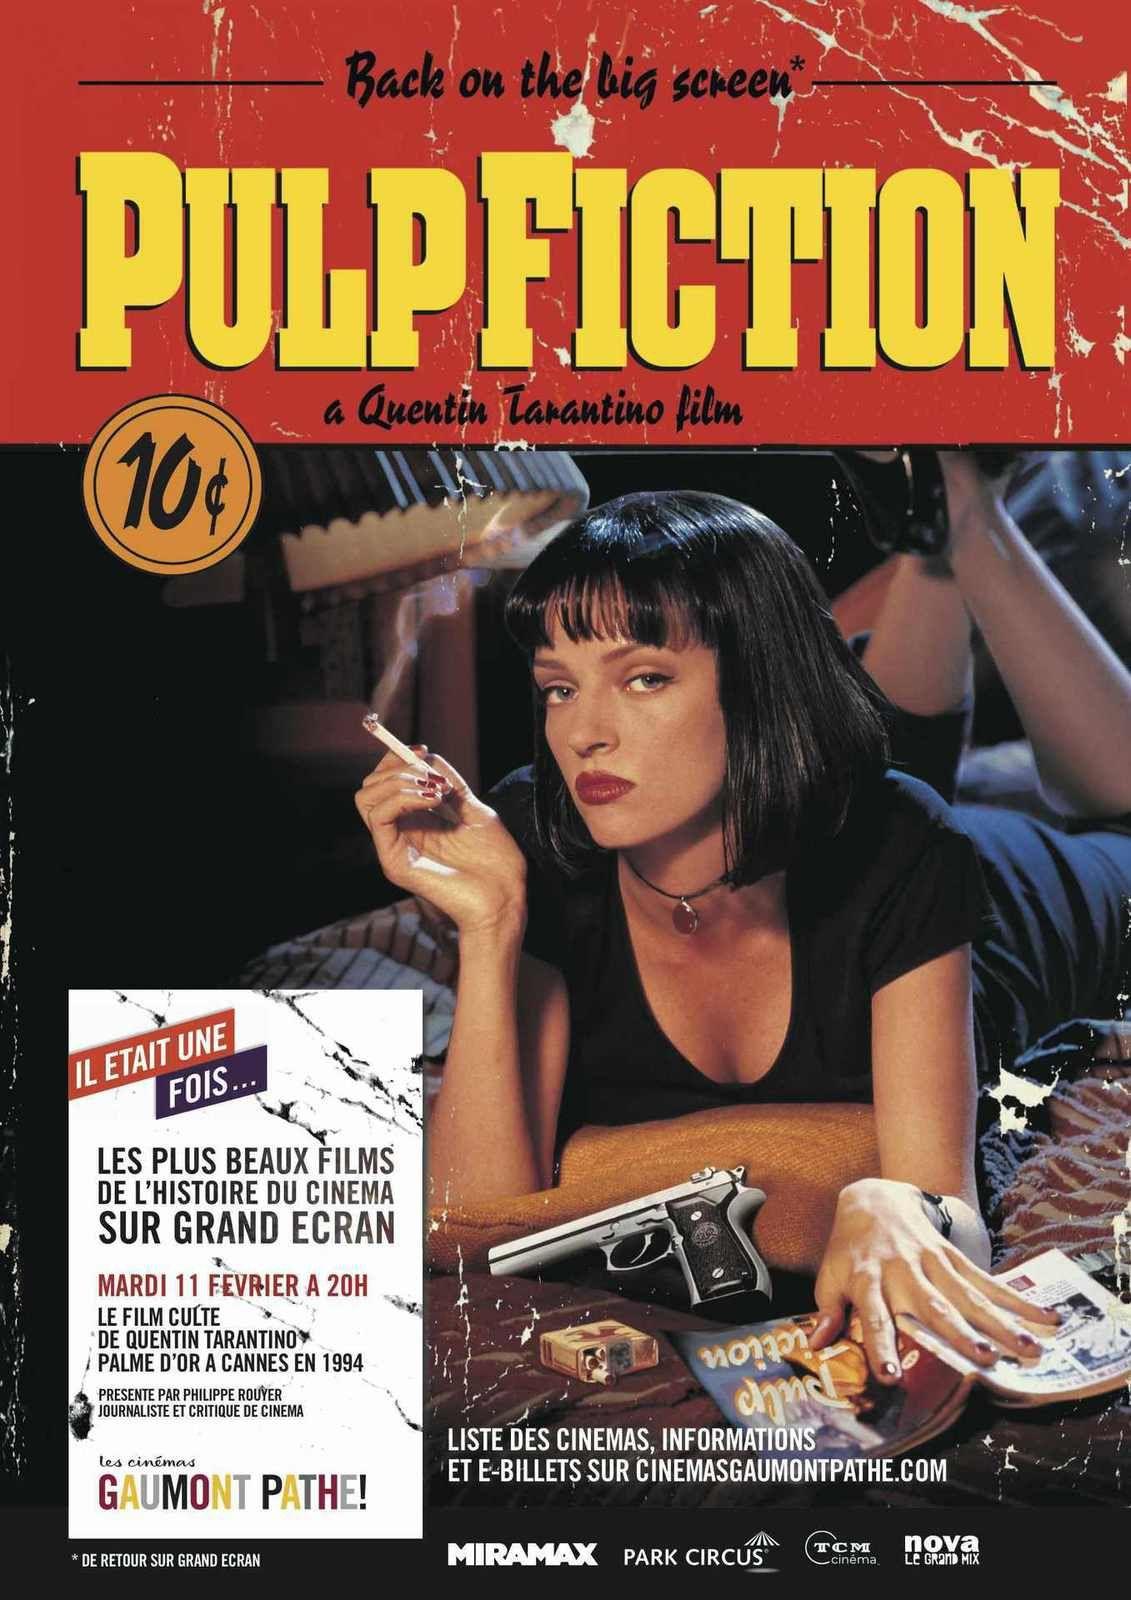 Il était une fois... Pulp Fiction (BANDE ANNONCE) 11 02 2014